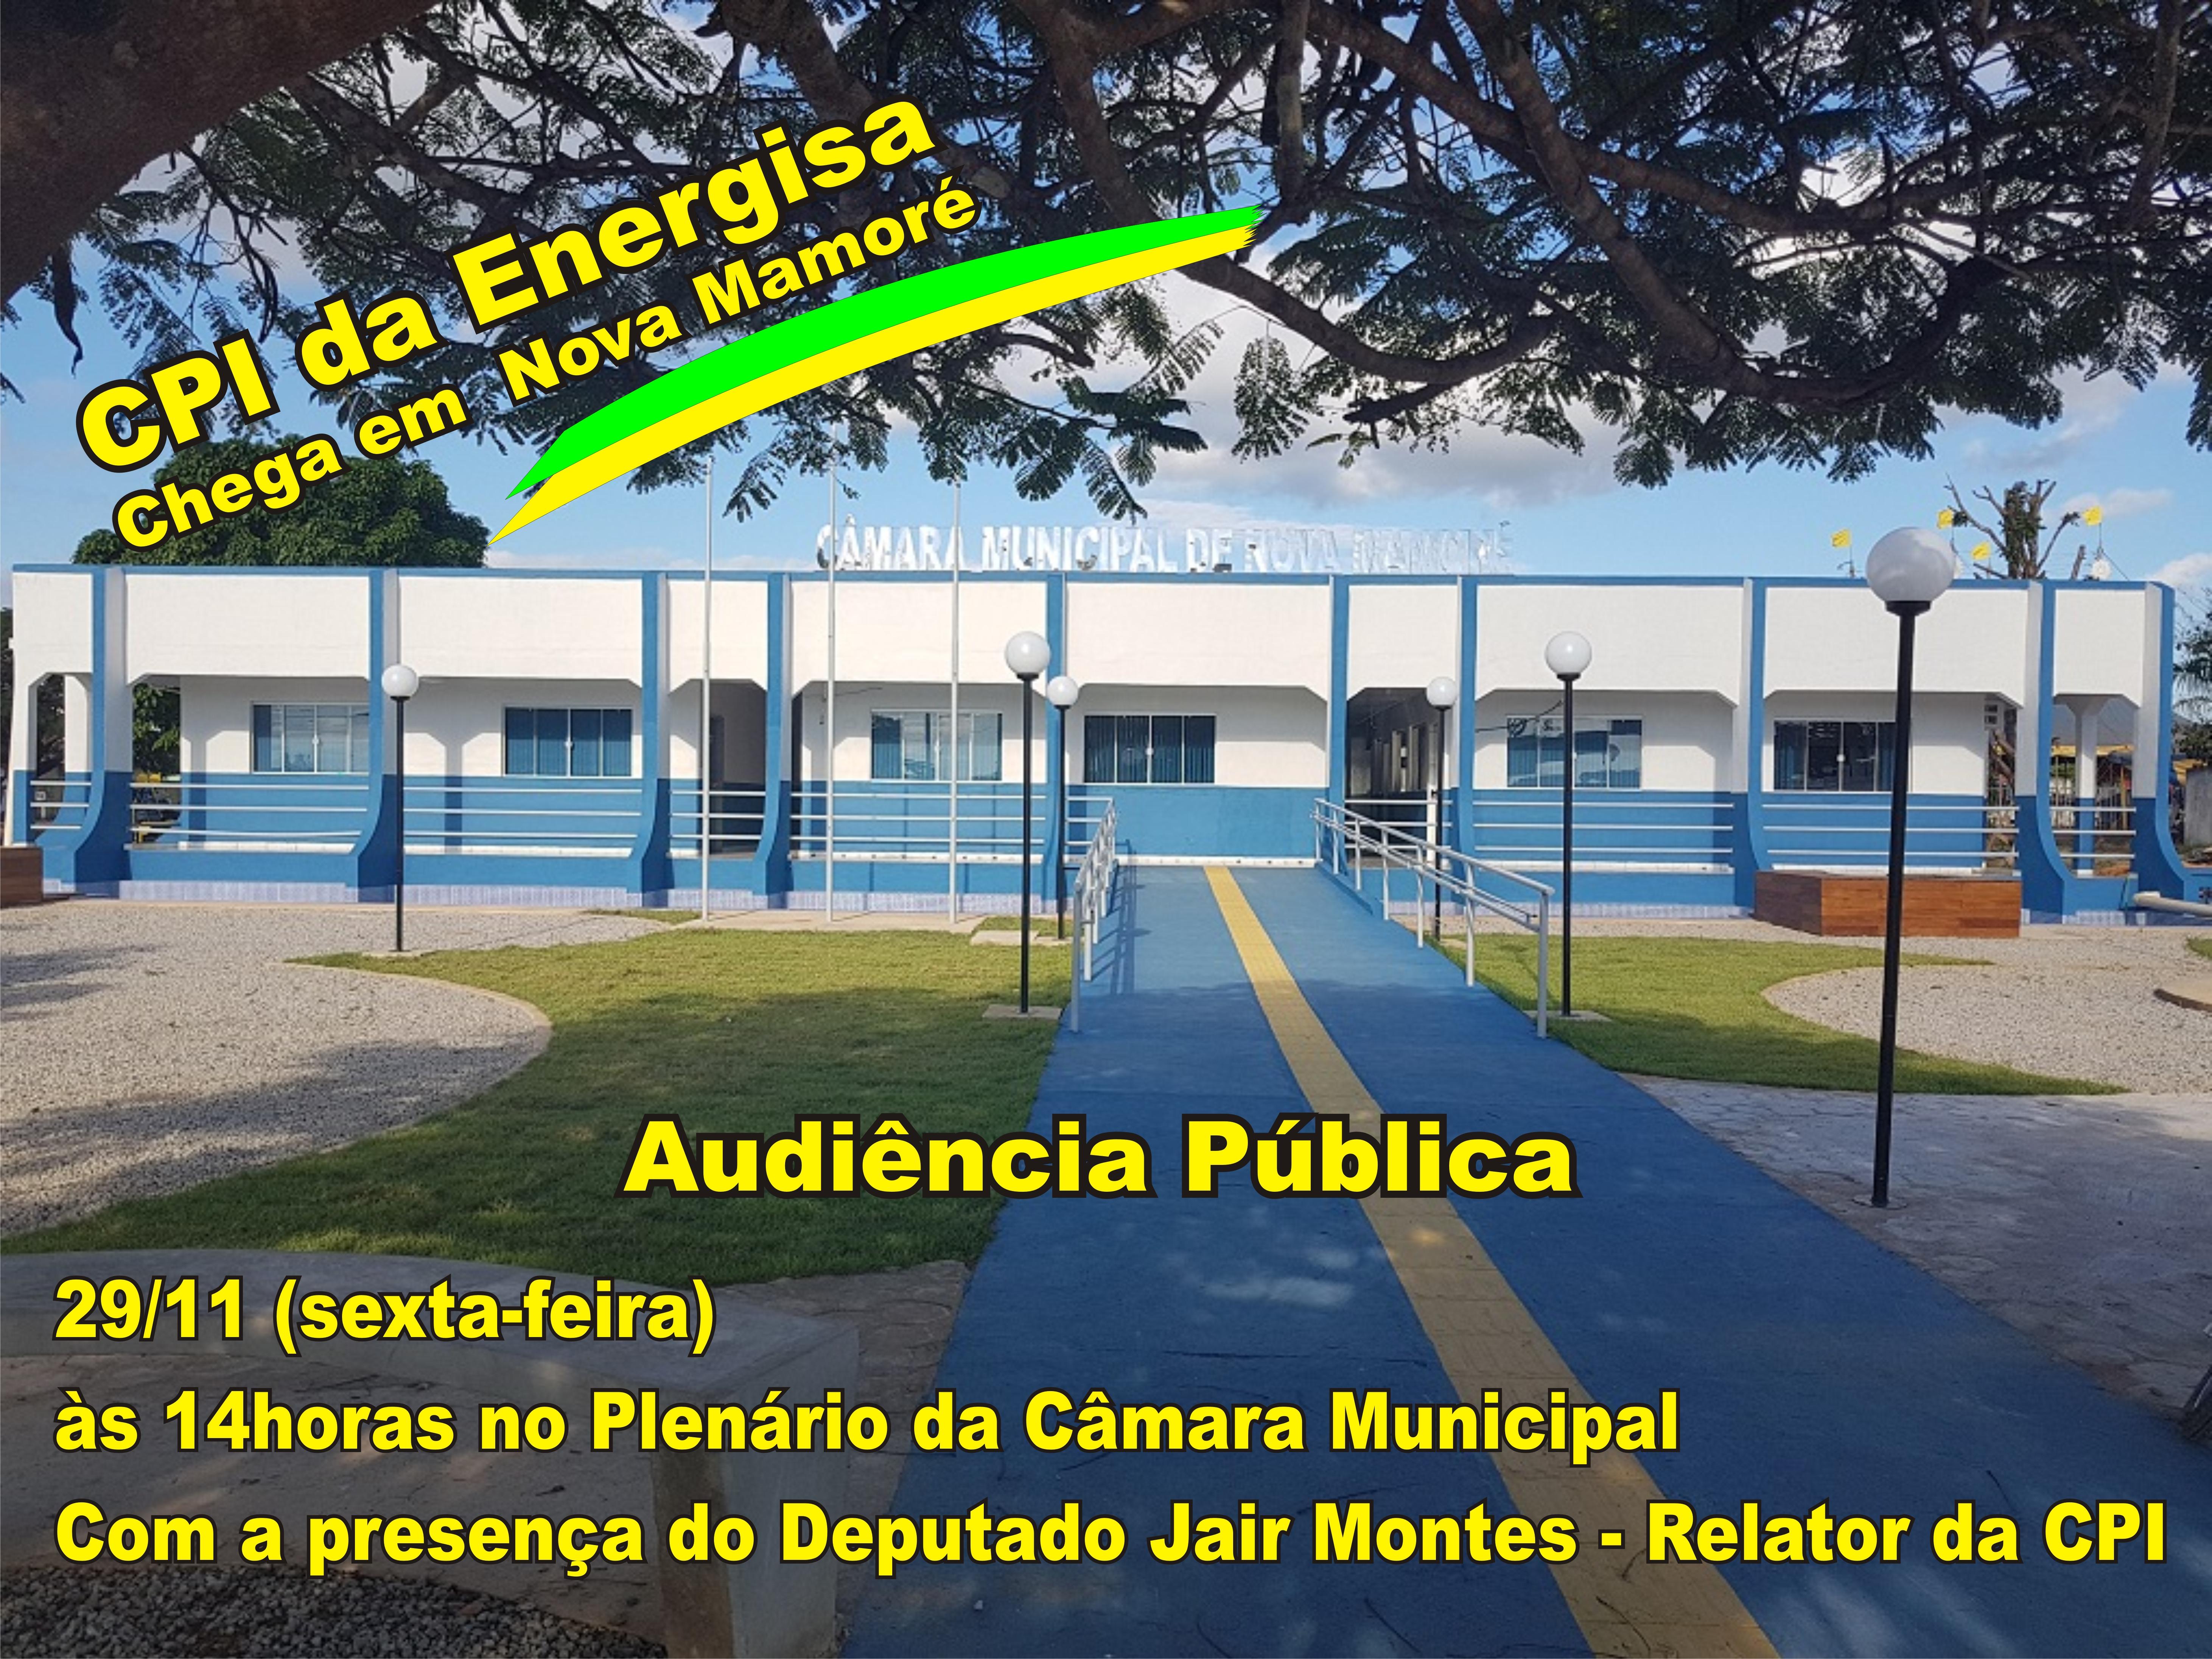 CONVITE DA AUDIÊNCIA PÚBLICA.